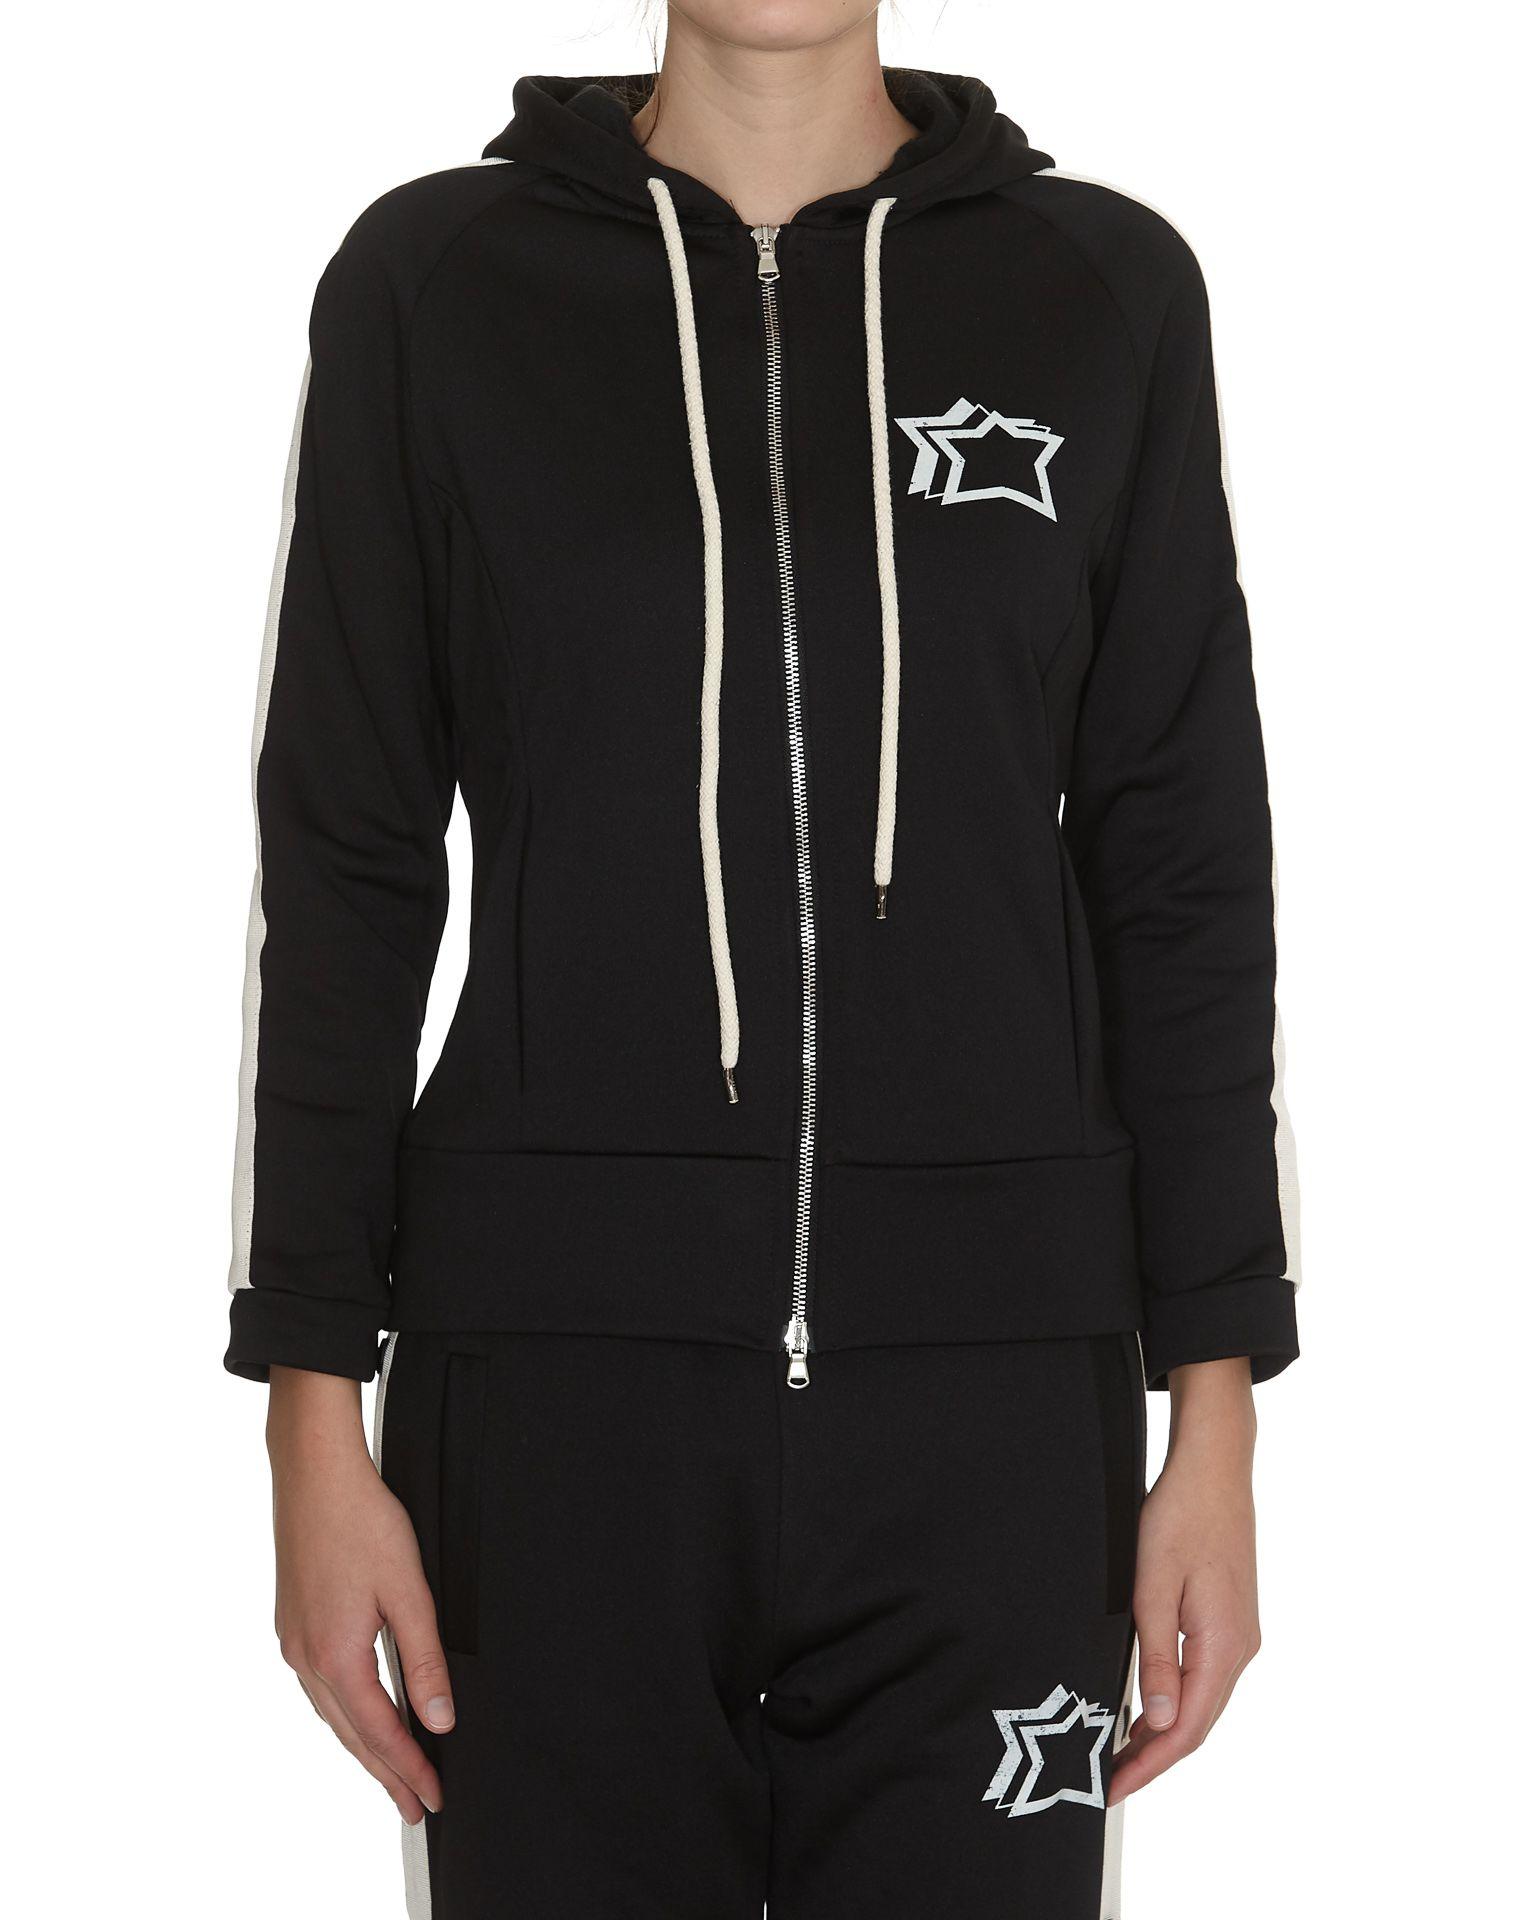 ATLANTIC STARS Hooded Sweatshirt in Black